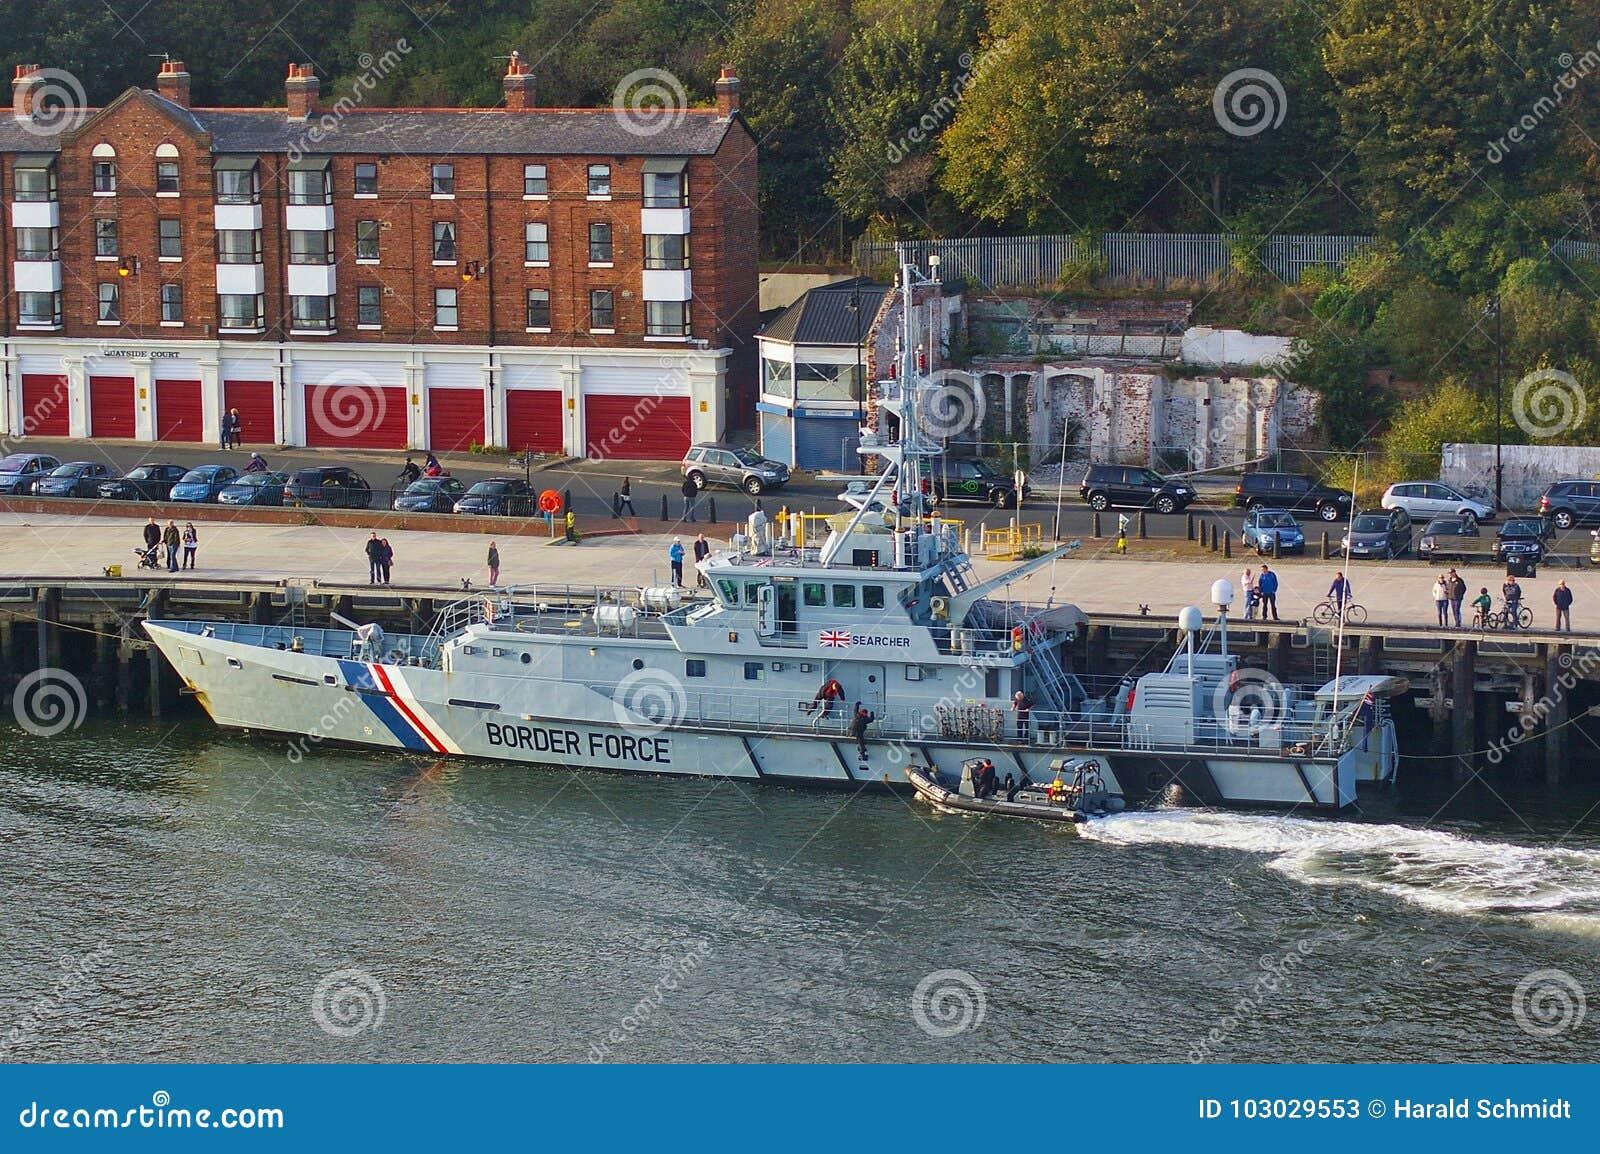 新堡,英国- 2014年10月5日, -她的停泊的英国边界力量切削刀HMC搜寻者与肋骨巡逻艇以后的Al